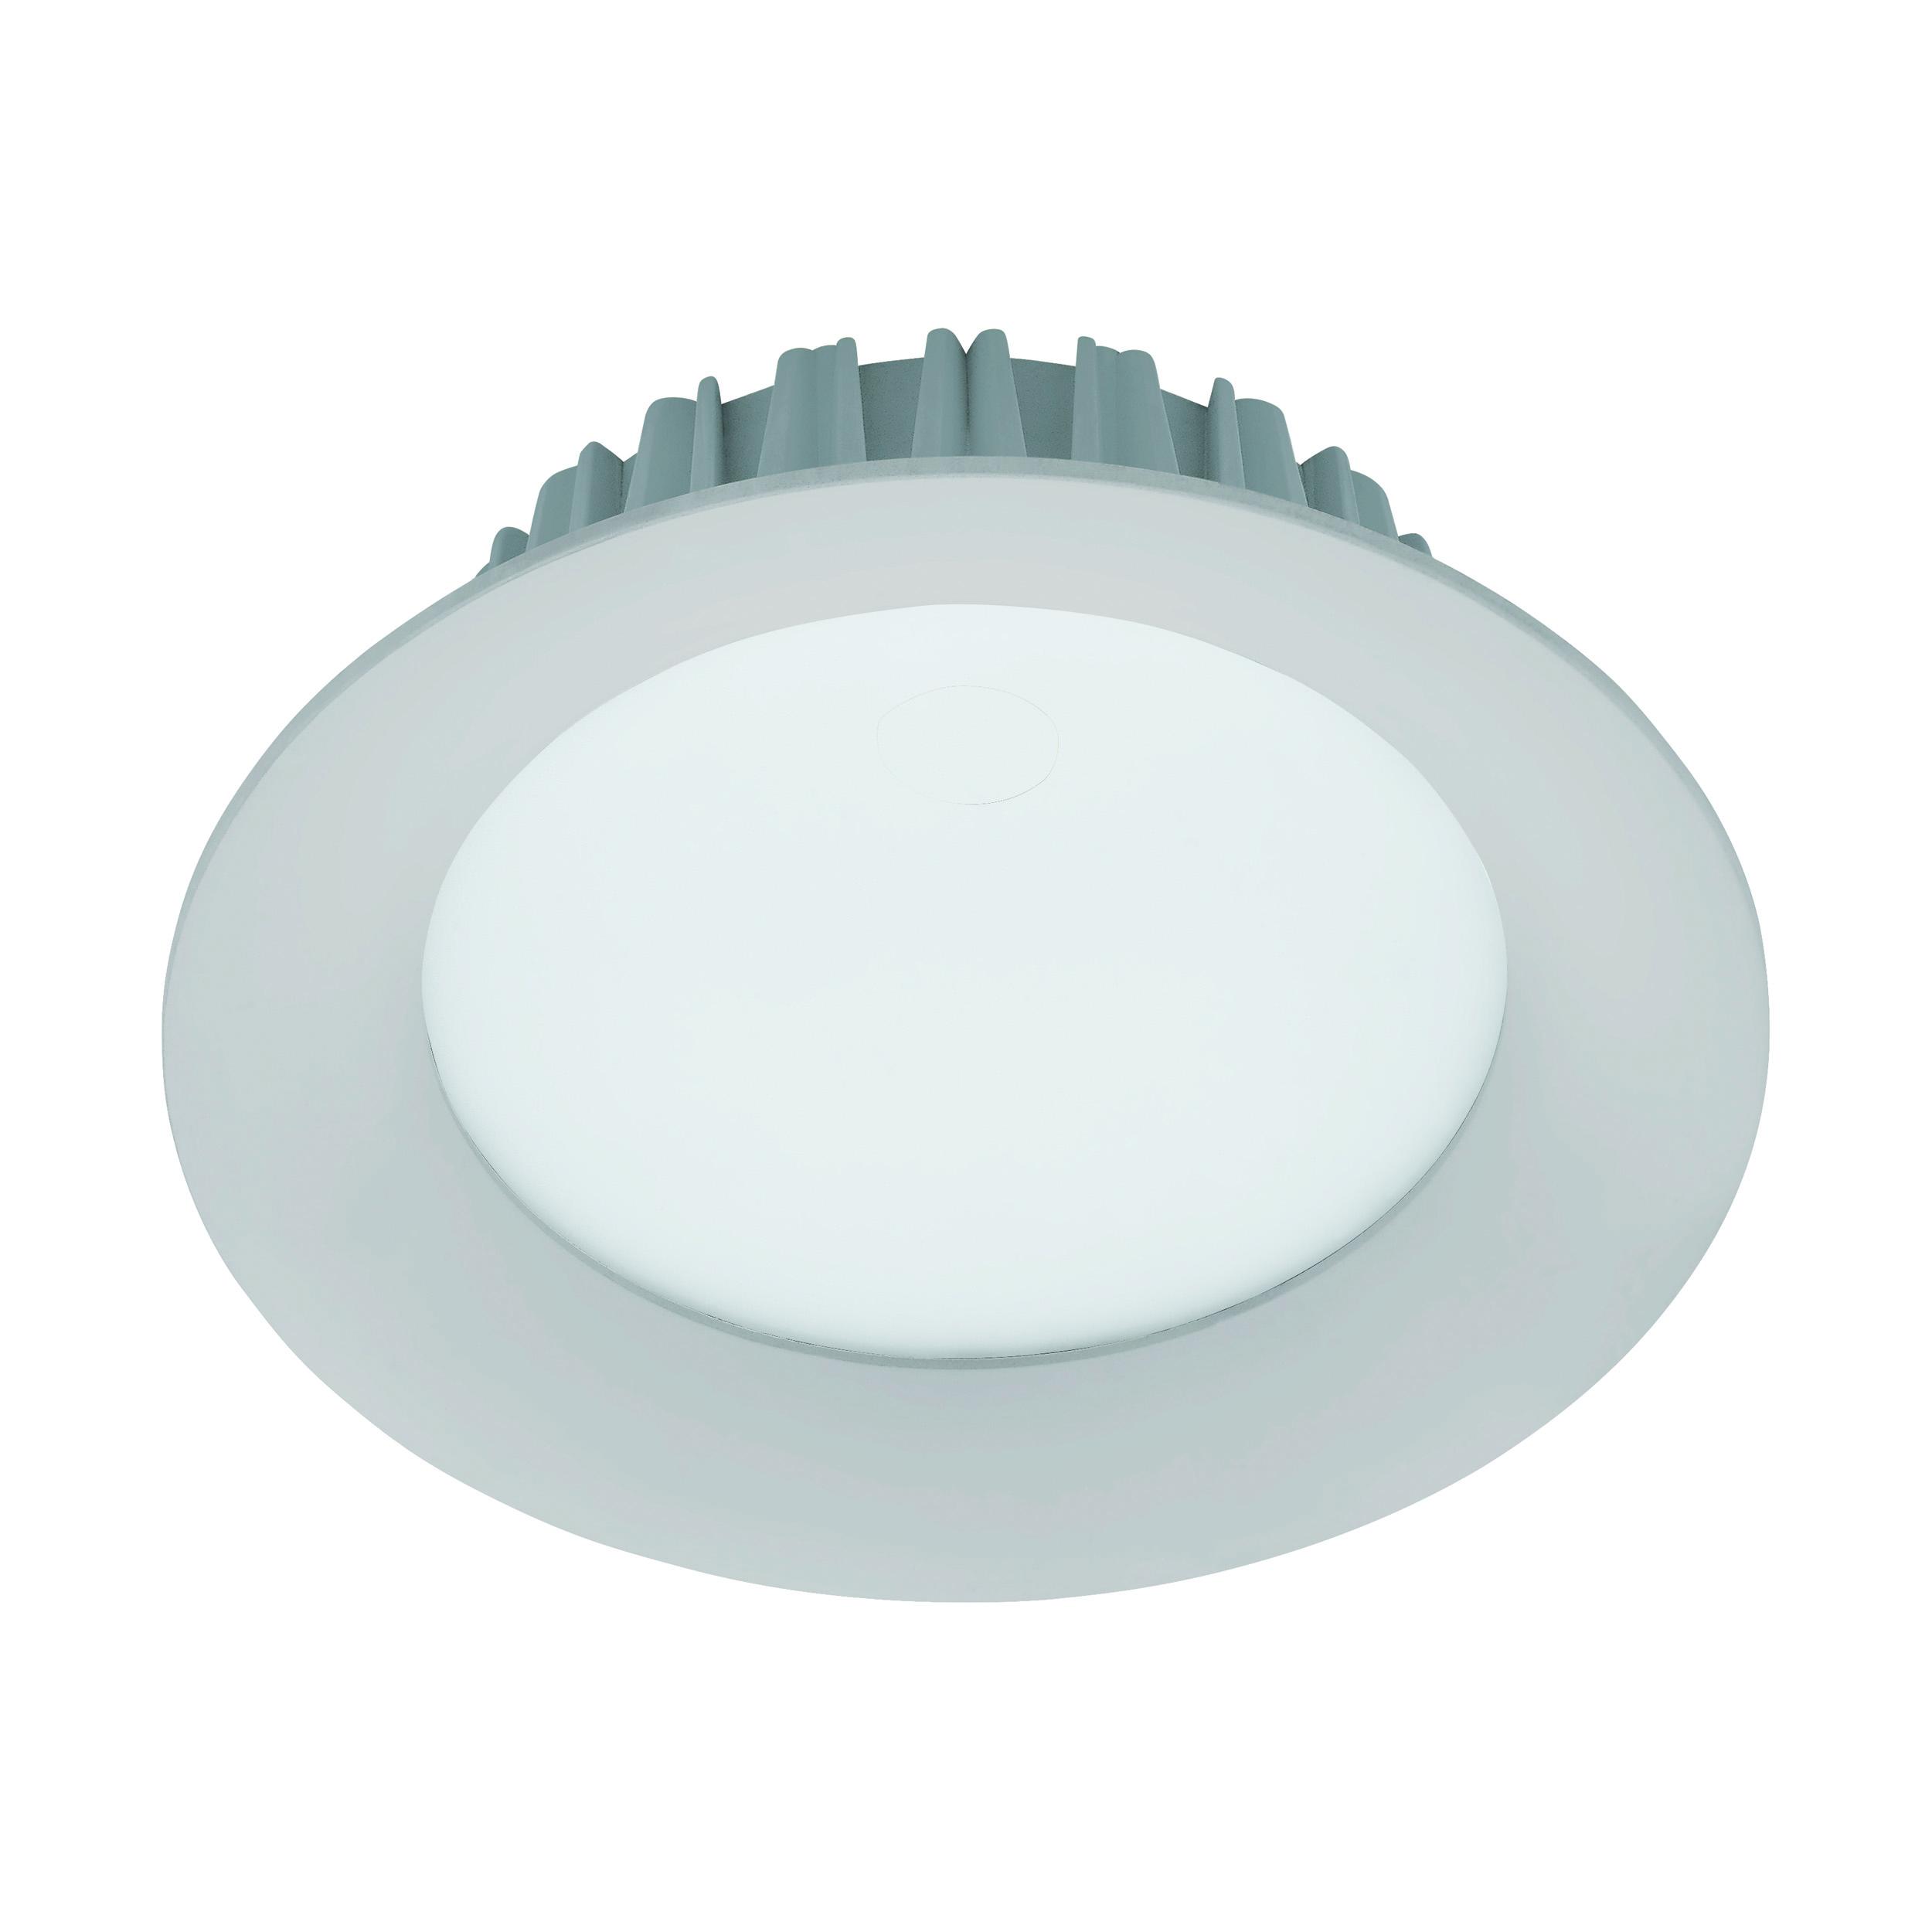 Ceiling Luminaires35800